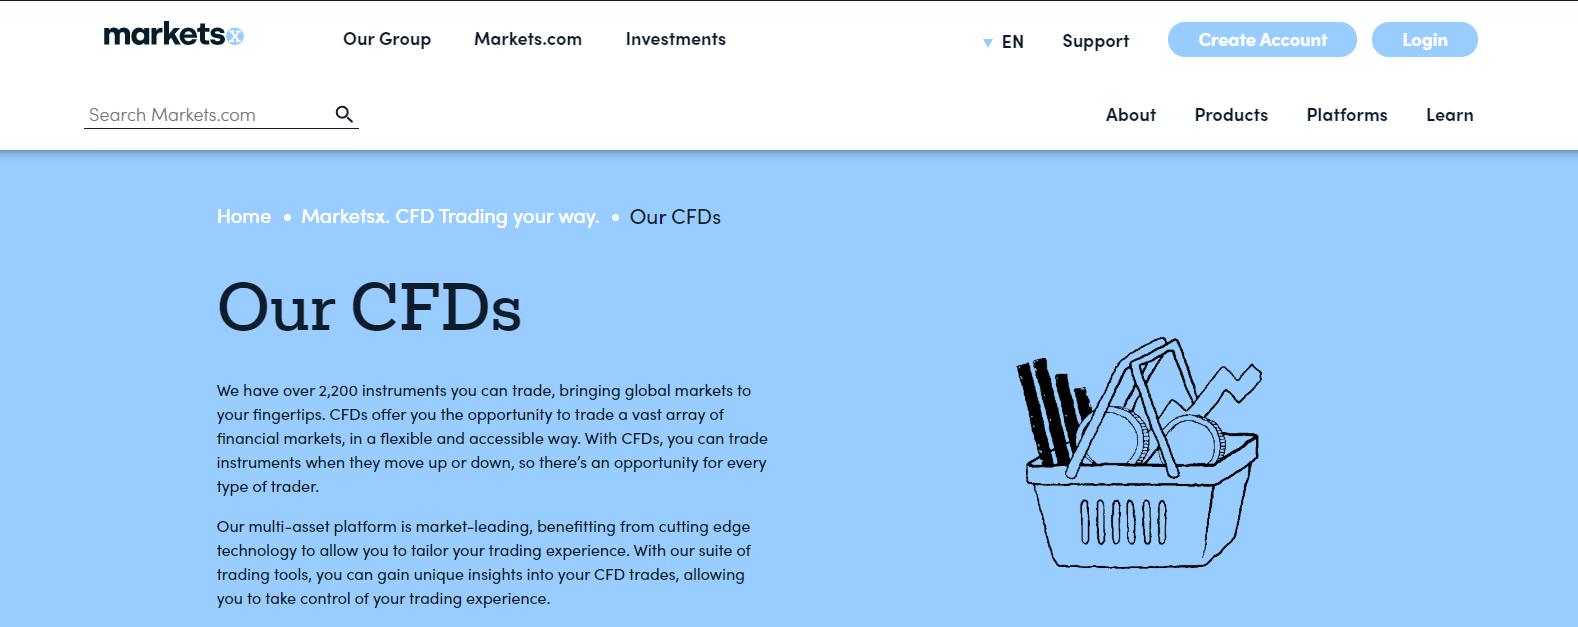 markets.com opinioni e recensioni broker forex/cfd 2021 come investire in criptovaluta nexus